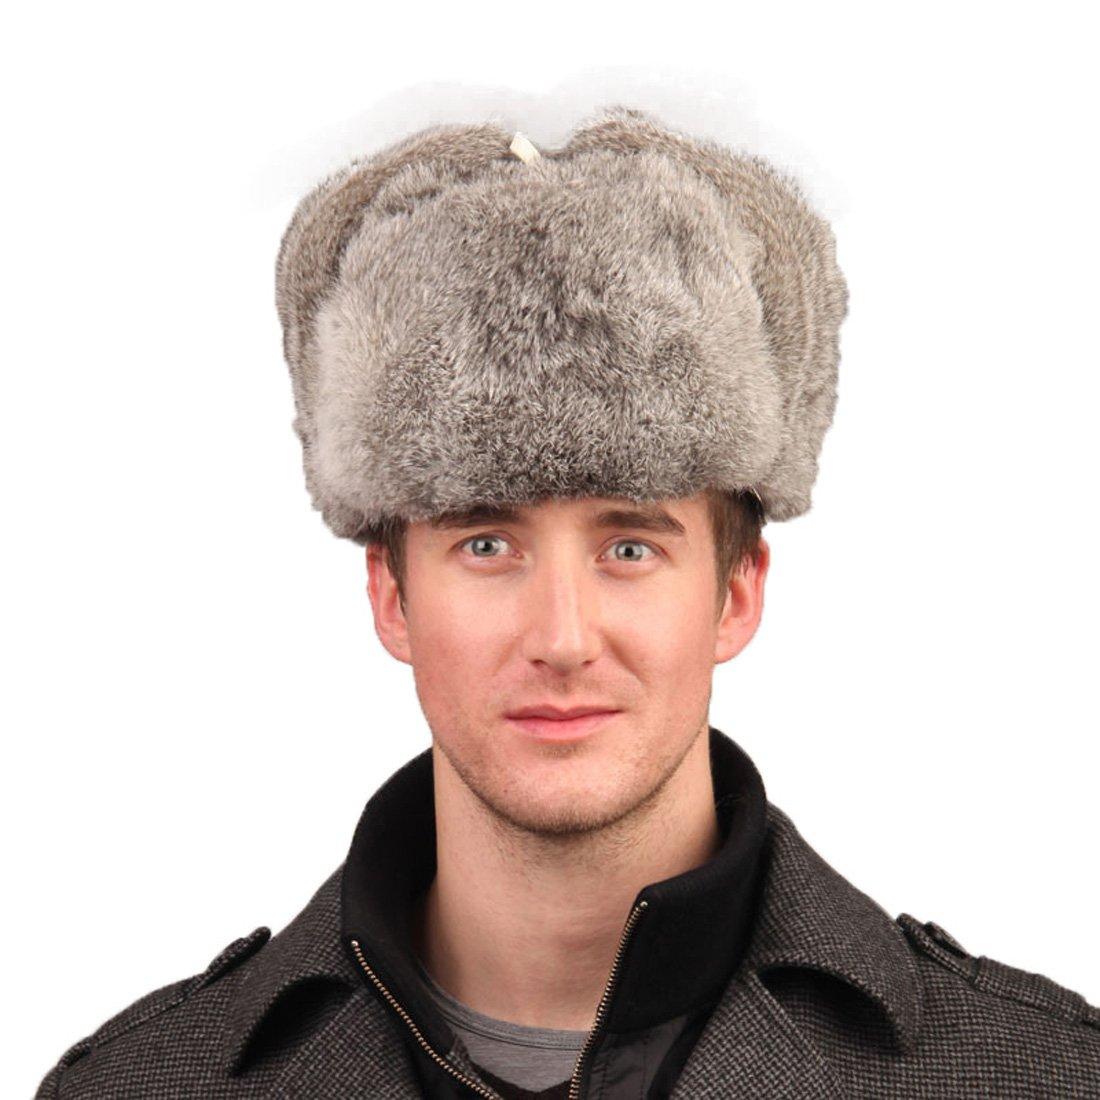 URSFUR Mens Rabbit Full Fur Russian Ushanka Trooper Hats Multicolor